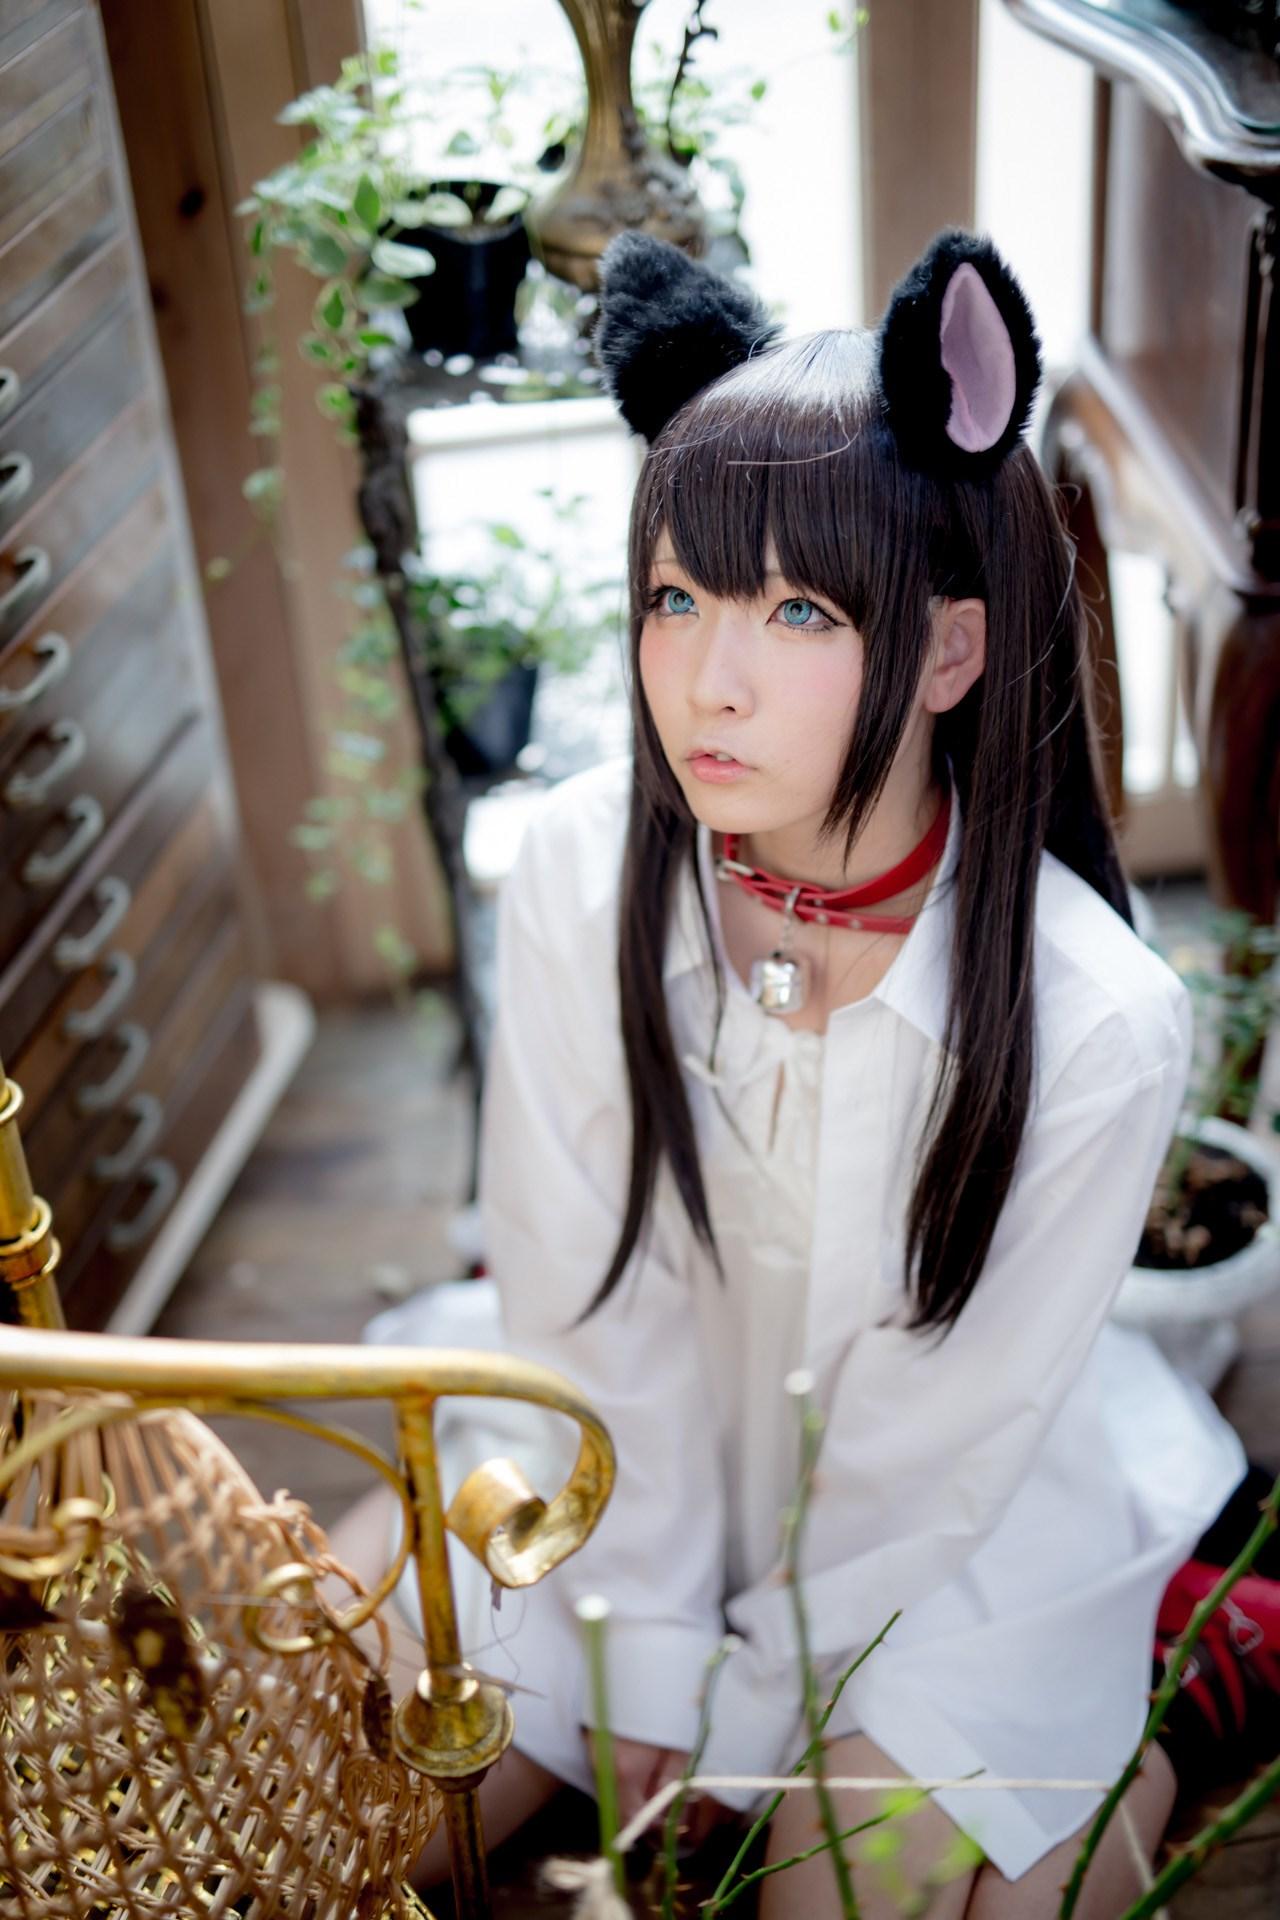 【兔玩映画】猫耳娘 兔玩映画 第3张